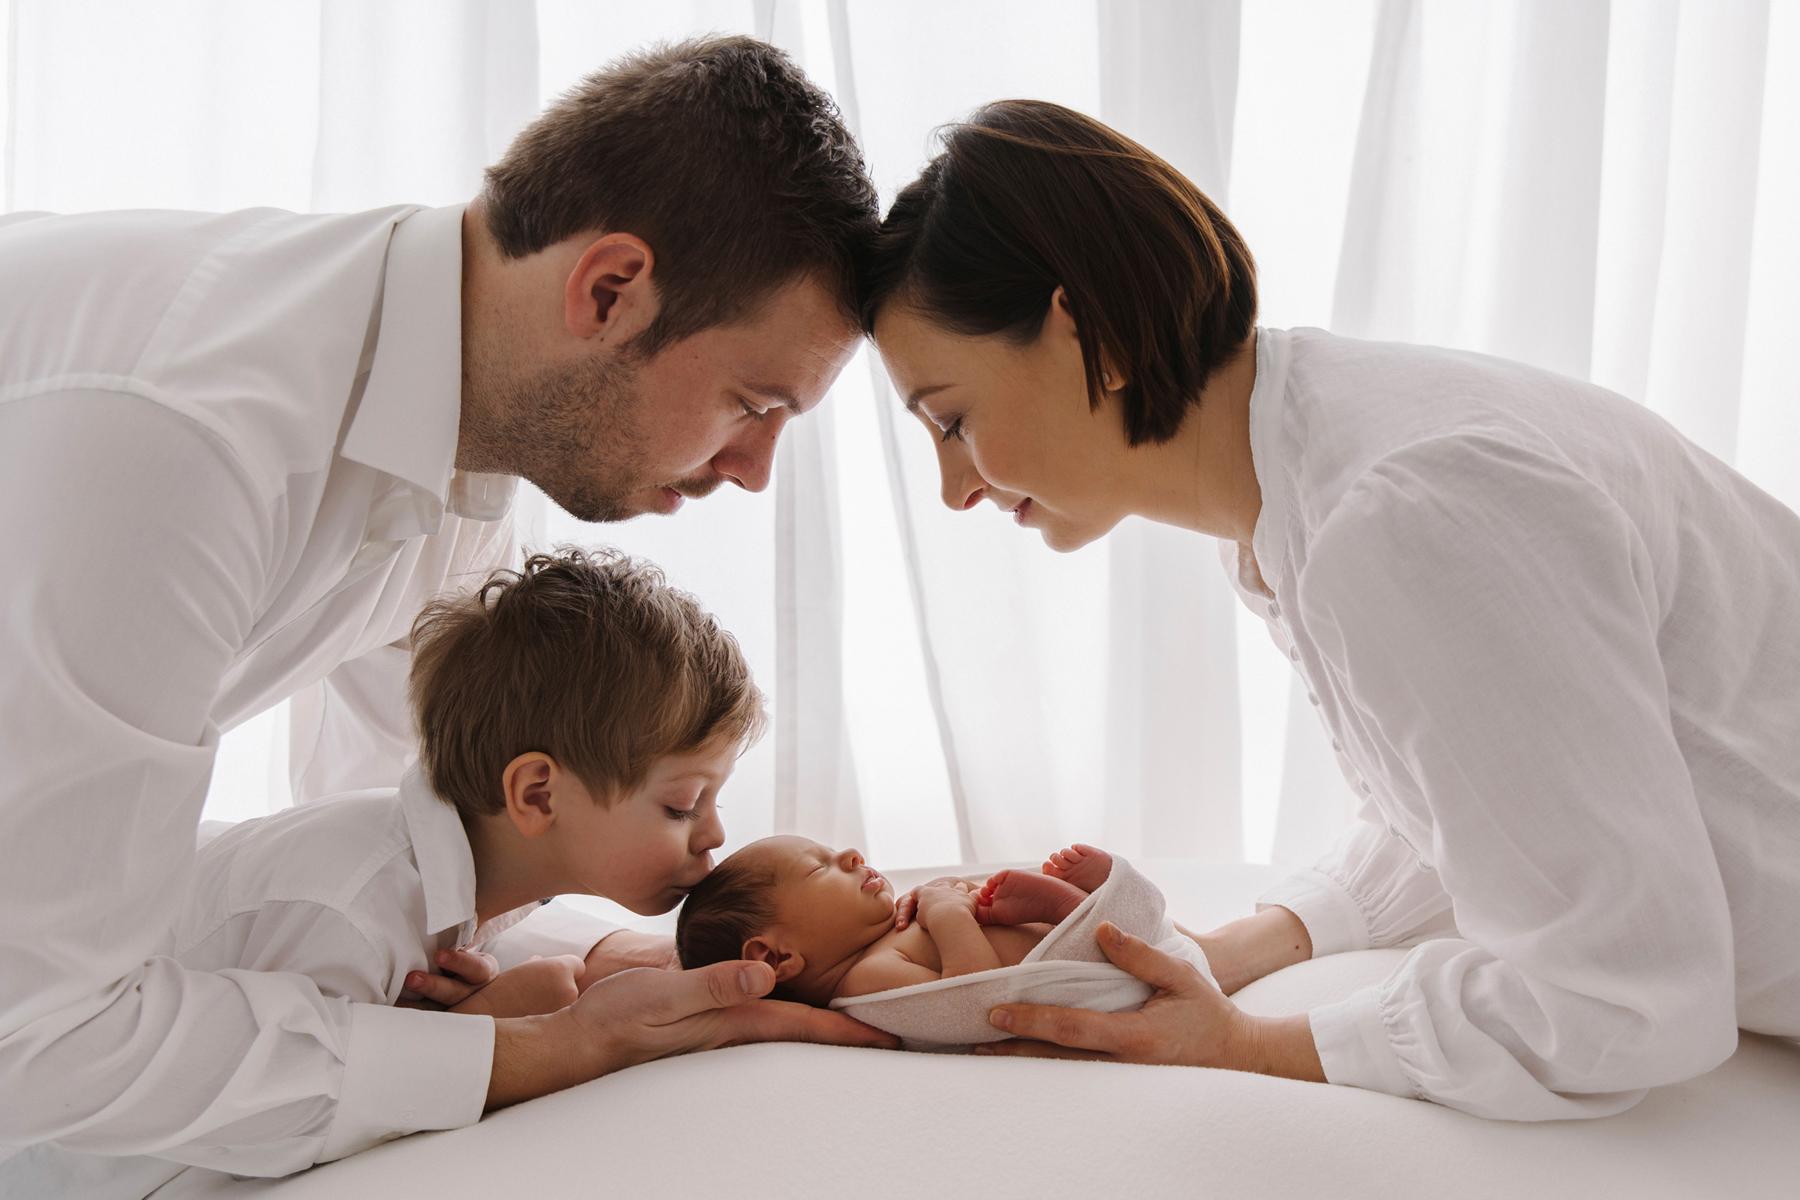 Babyfotos Babyshooting Babyfotoshooting Neugeborenenshooting Newbornshooting Neugeborenenfotos Baby Fotoshooting Fotograf Fotostudio Baby Linz Amstetten Steyr Oberösterreich Niederösterreich